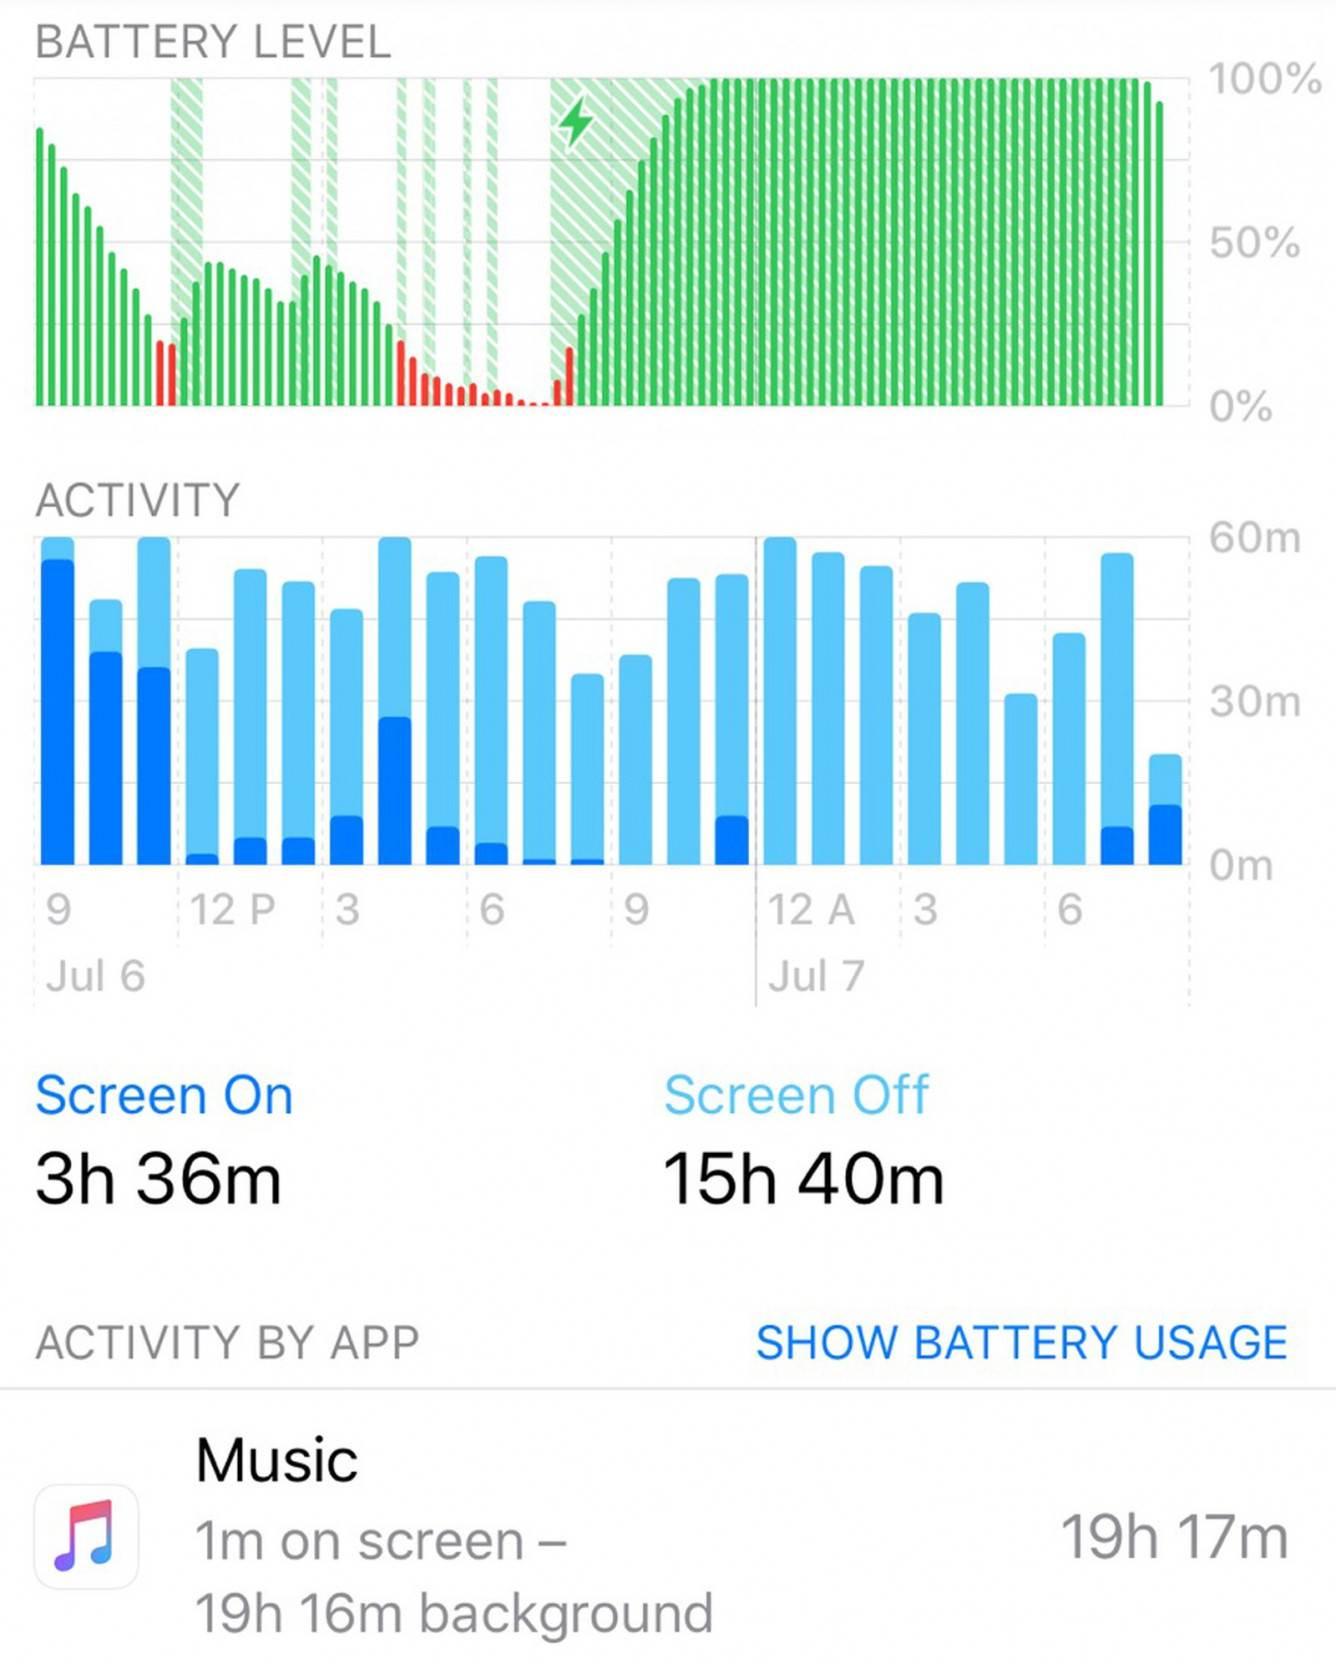 Twój iPhone się szybko rozładowuje? Problemem może być Apple Music polecane, ciekawostki rozladowanie baterii, iPhone, Apple music  Niektórzy użytkownicy iPhone'a mają problemy z aplikacją Muzyka, która szybko rozładowuje baterię działając w tle. apple music battery drain